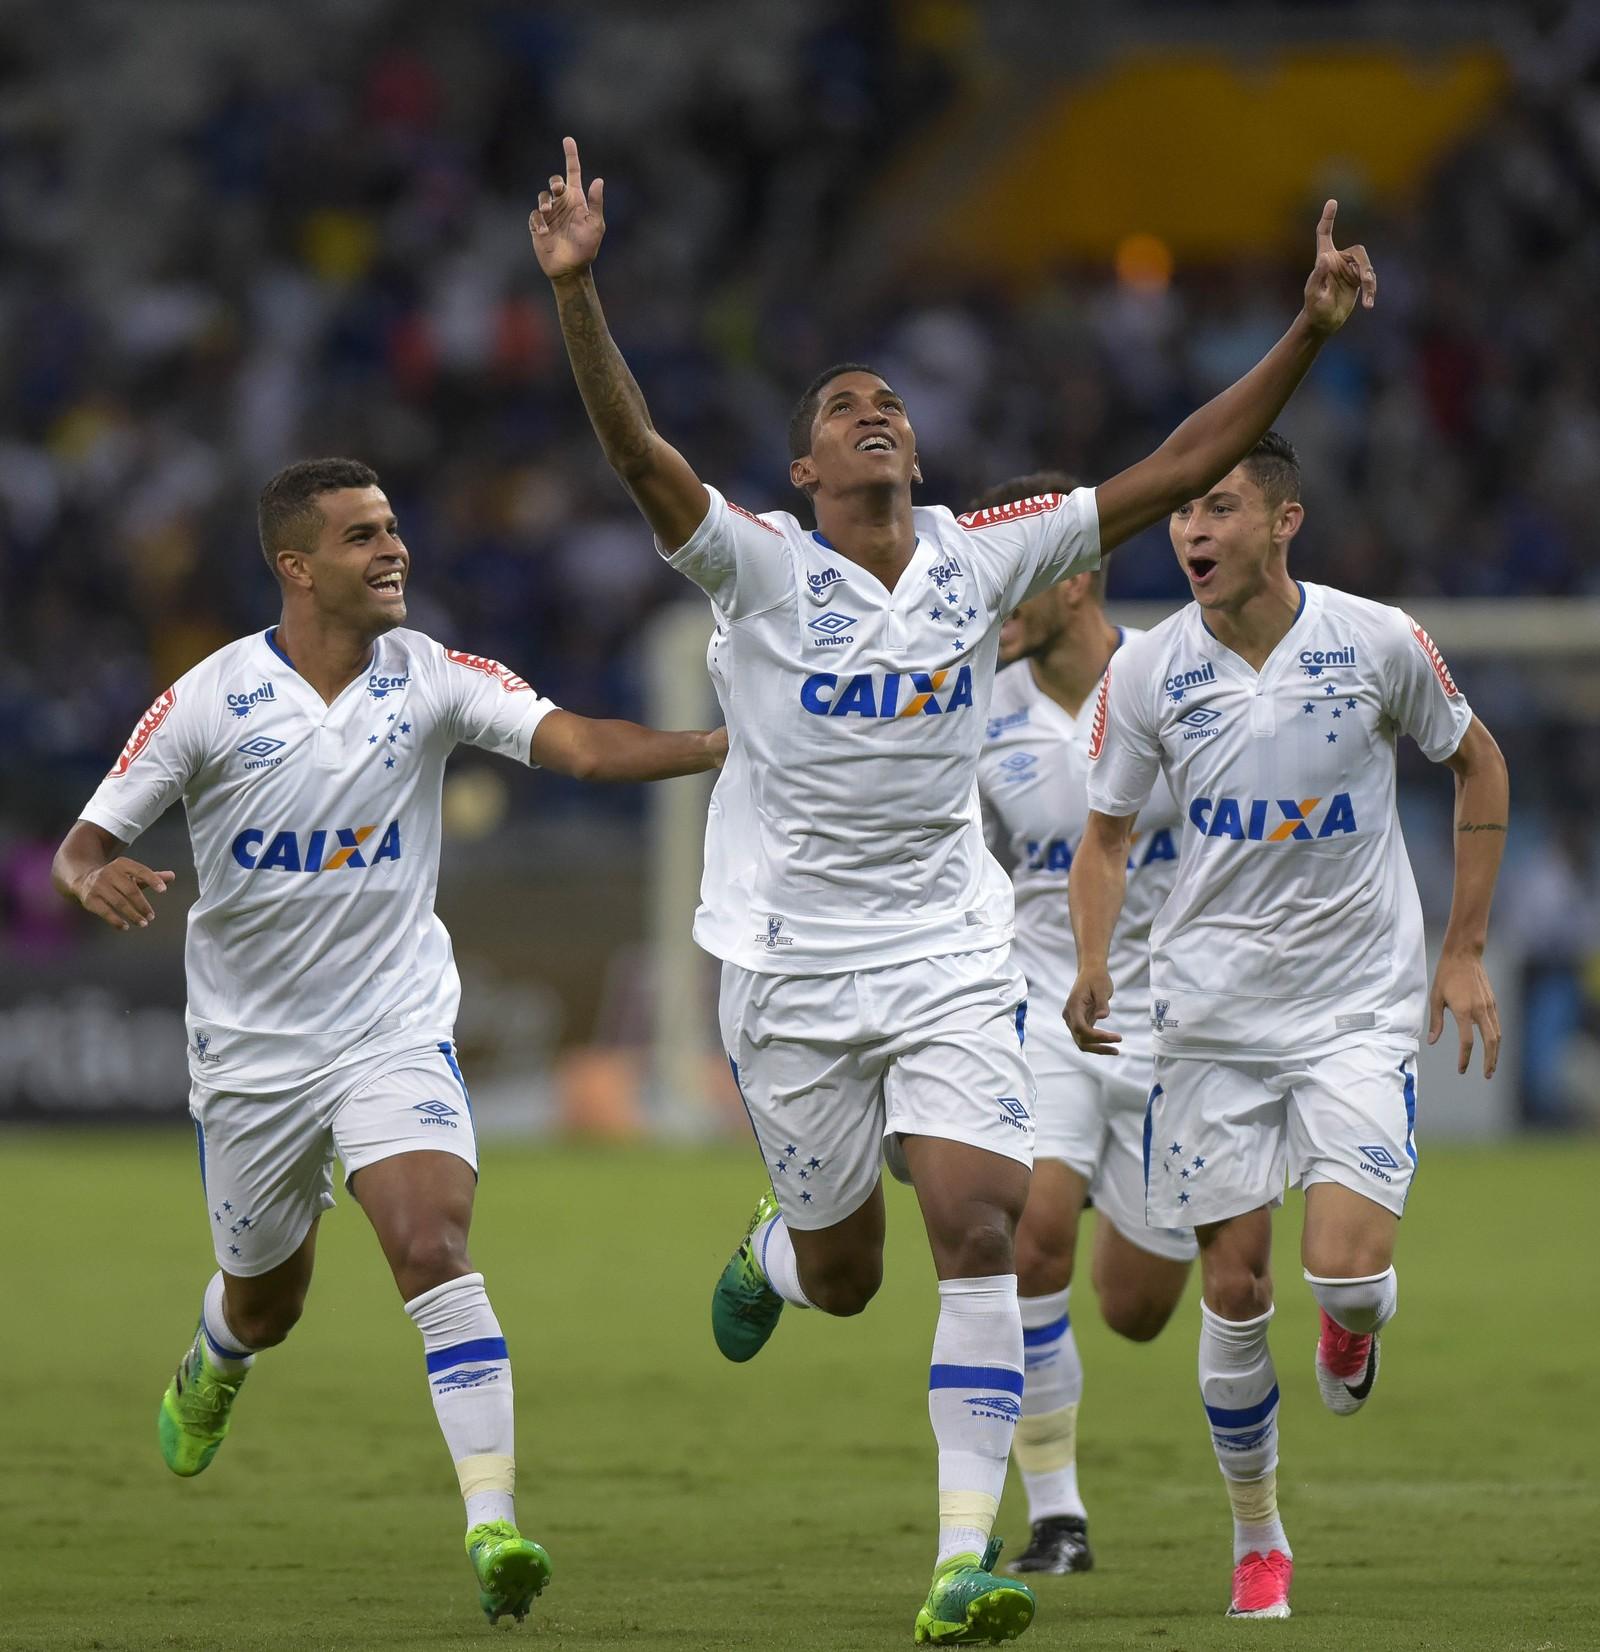 Vídeo: Com times alternativos, Cruzeiro vence a Chape em Minas